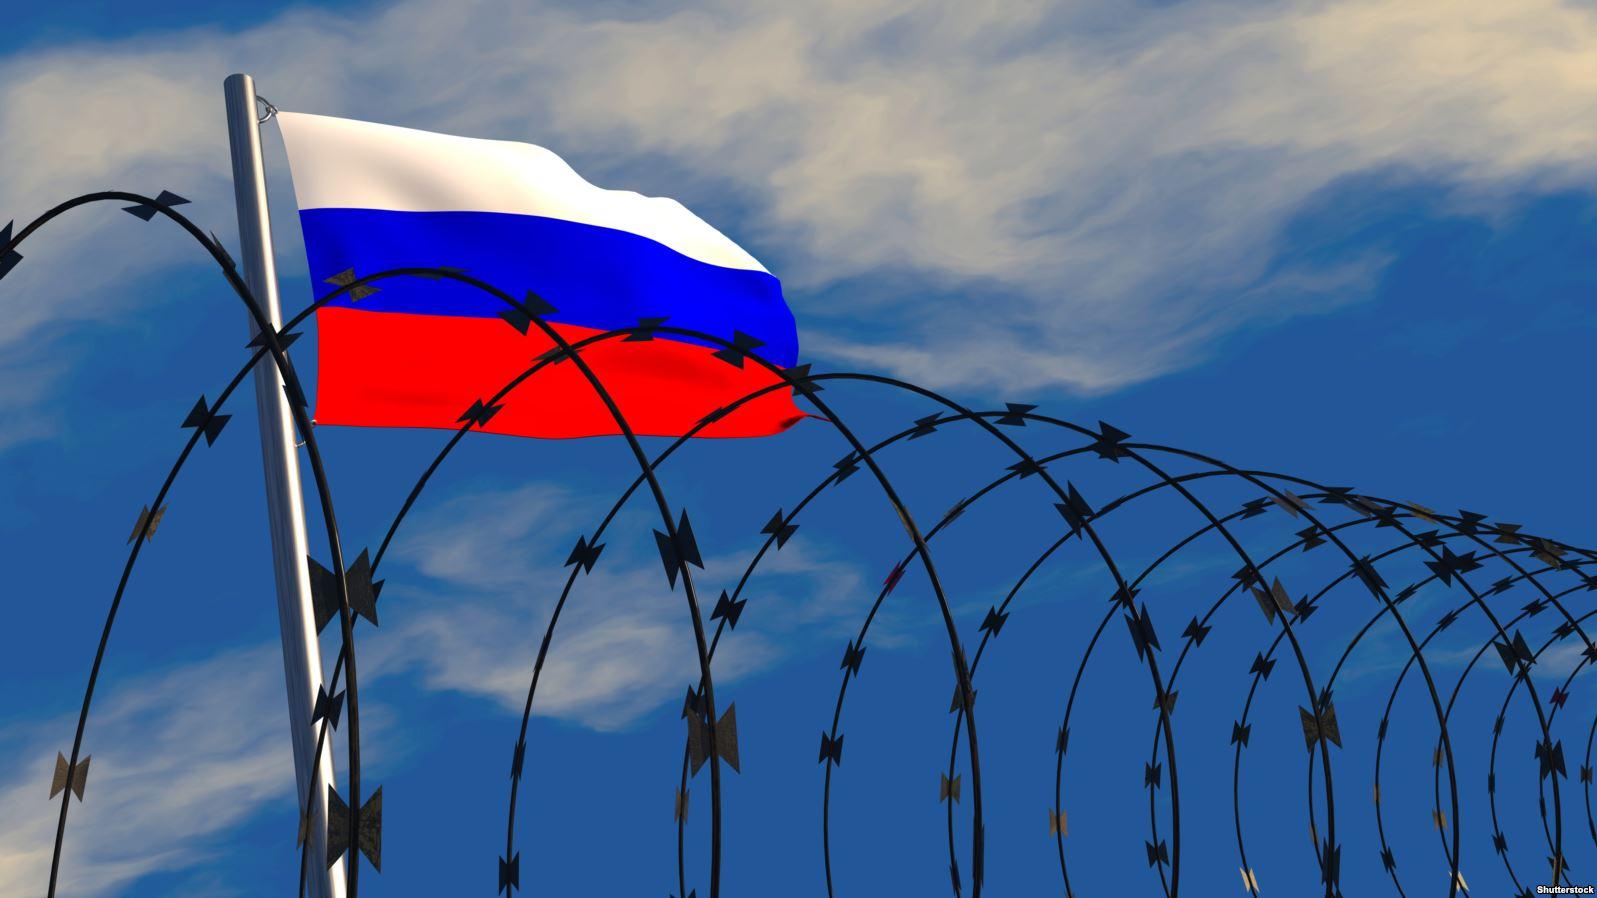 Госдеп США обвиняет Россию в нарушениях прав человека в Крыму и на Донбассе